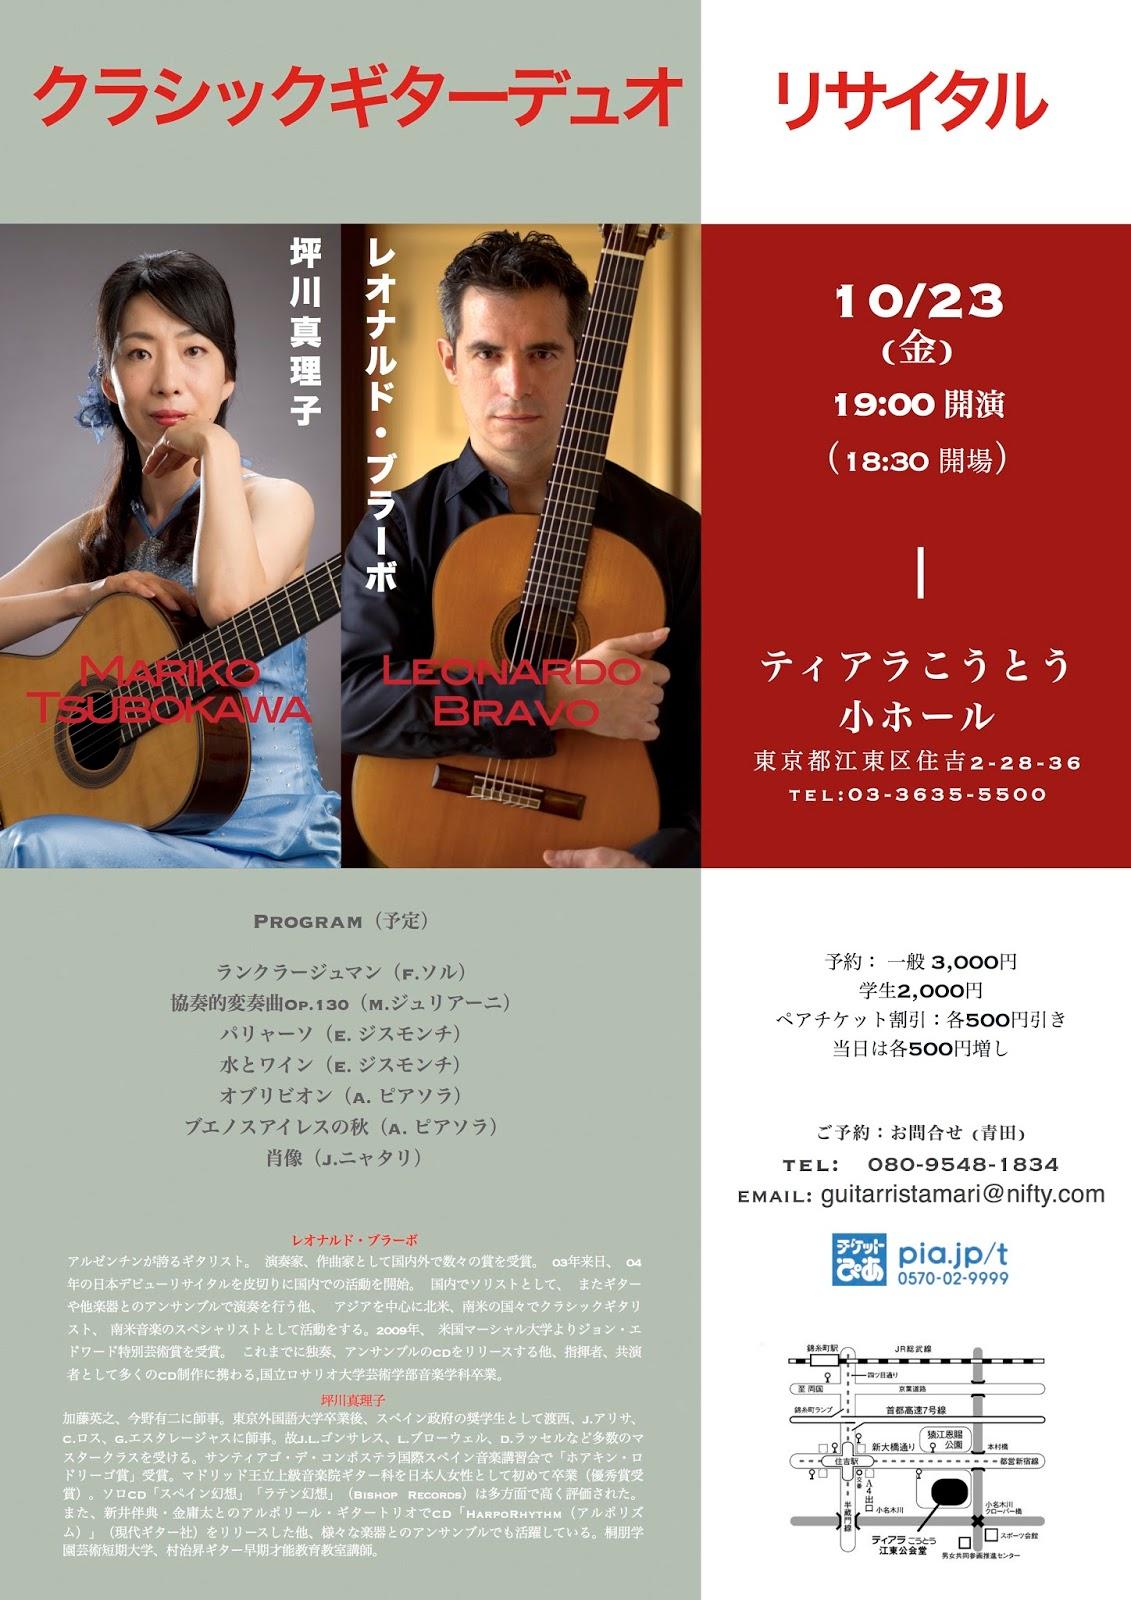 ギターリサイタル10・23